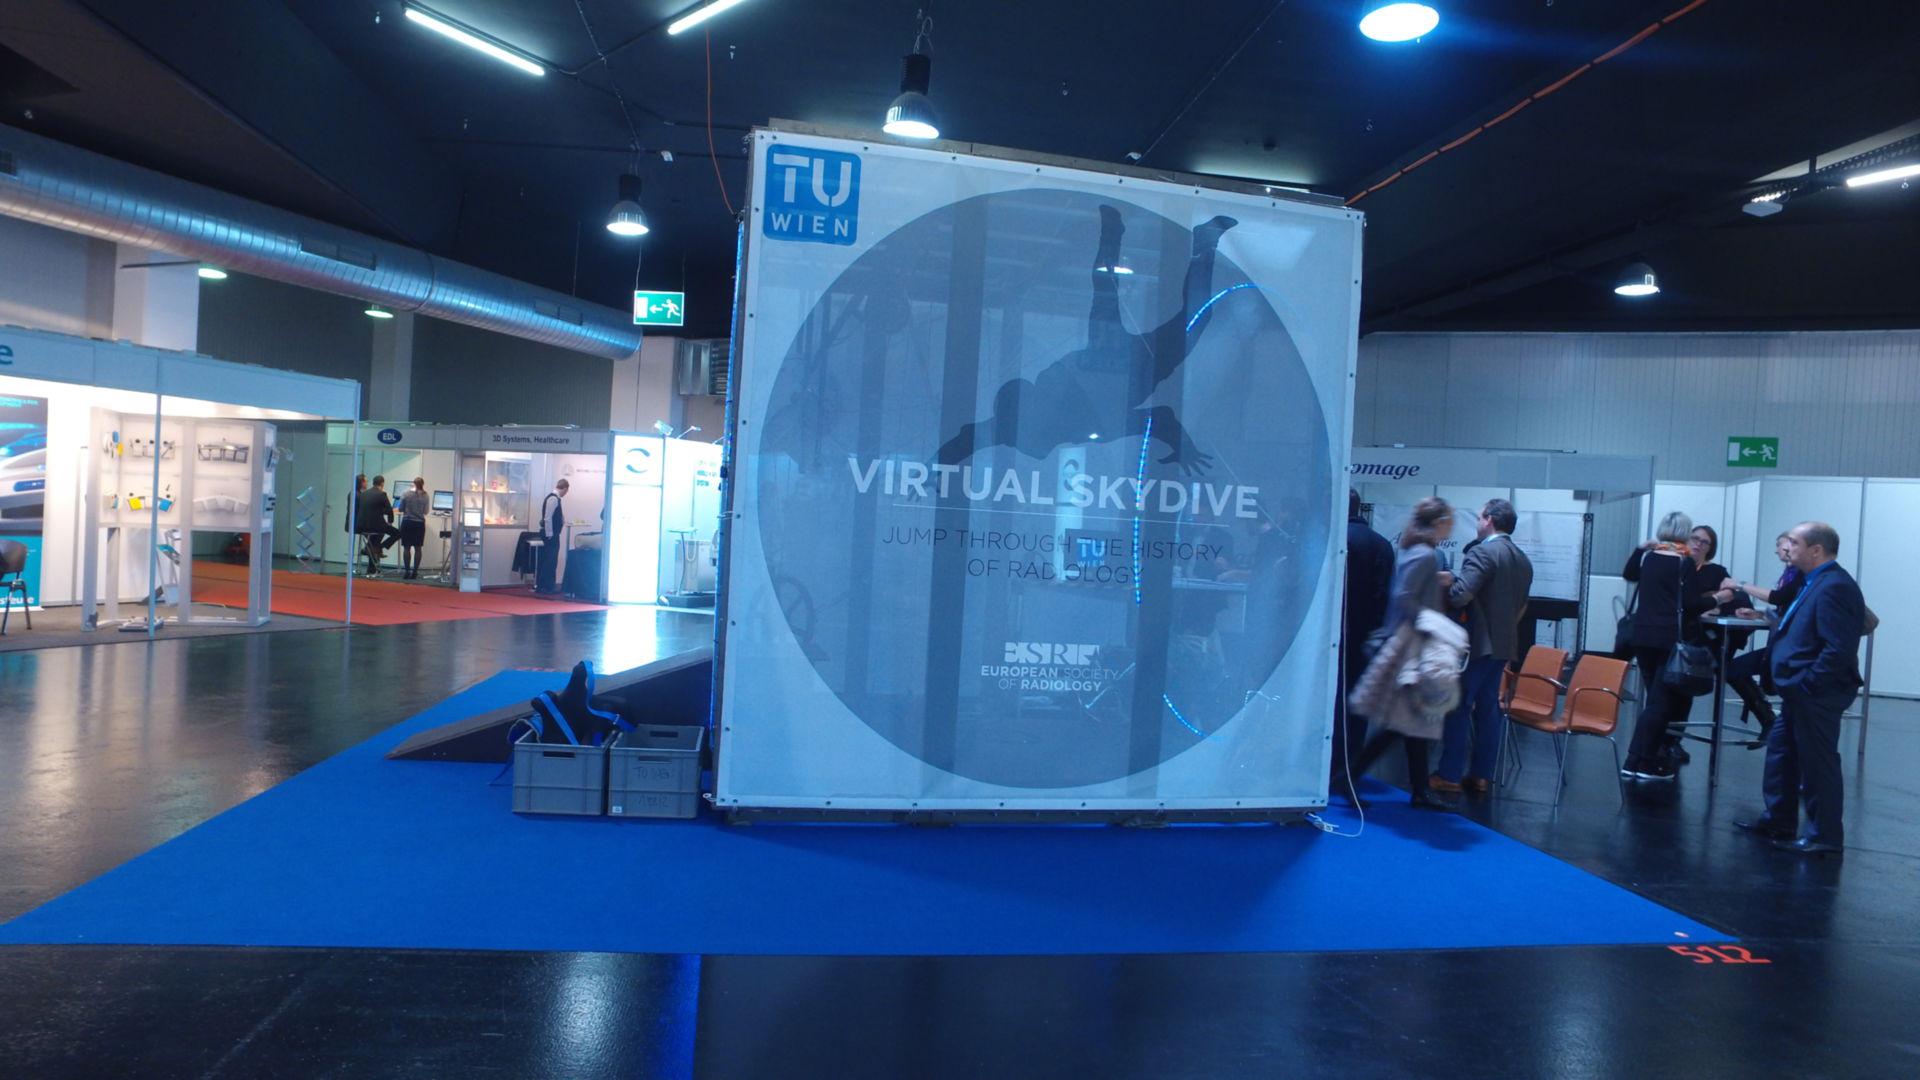 Virtual Skydive - TU Vienna